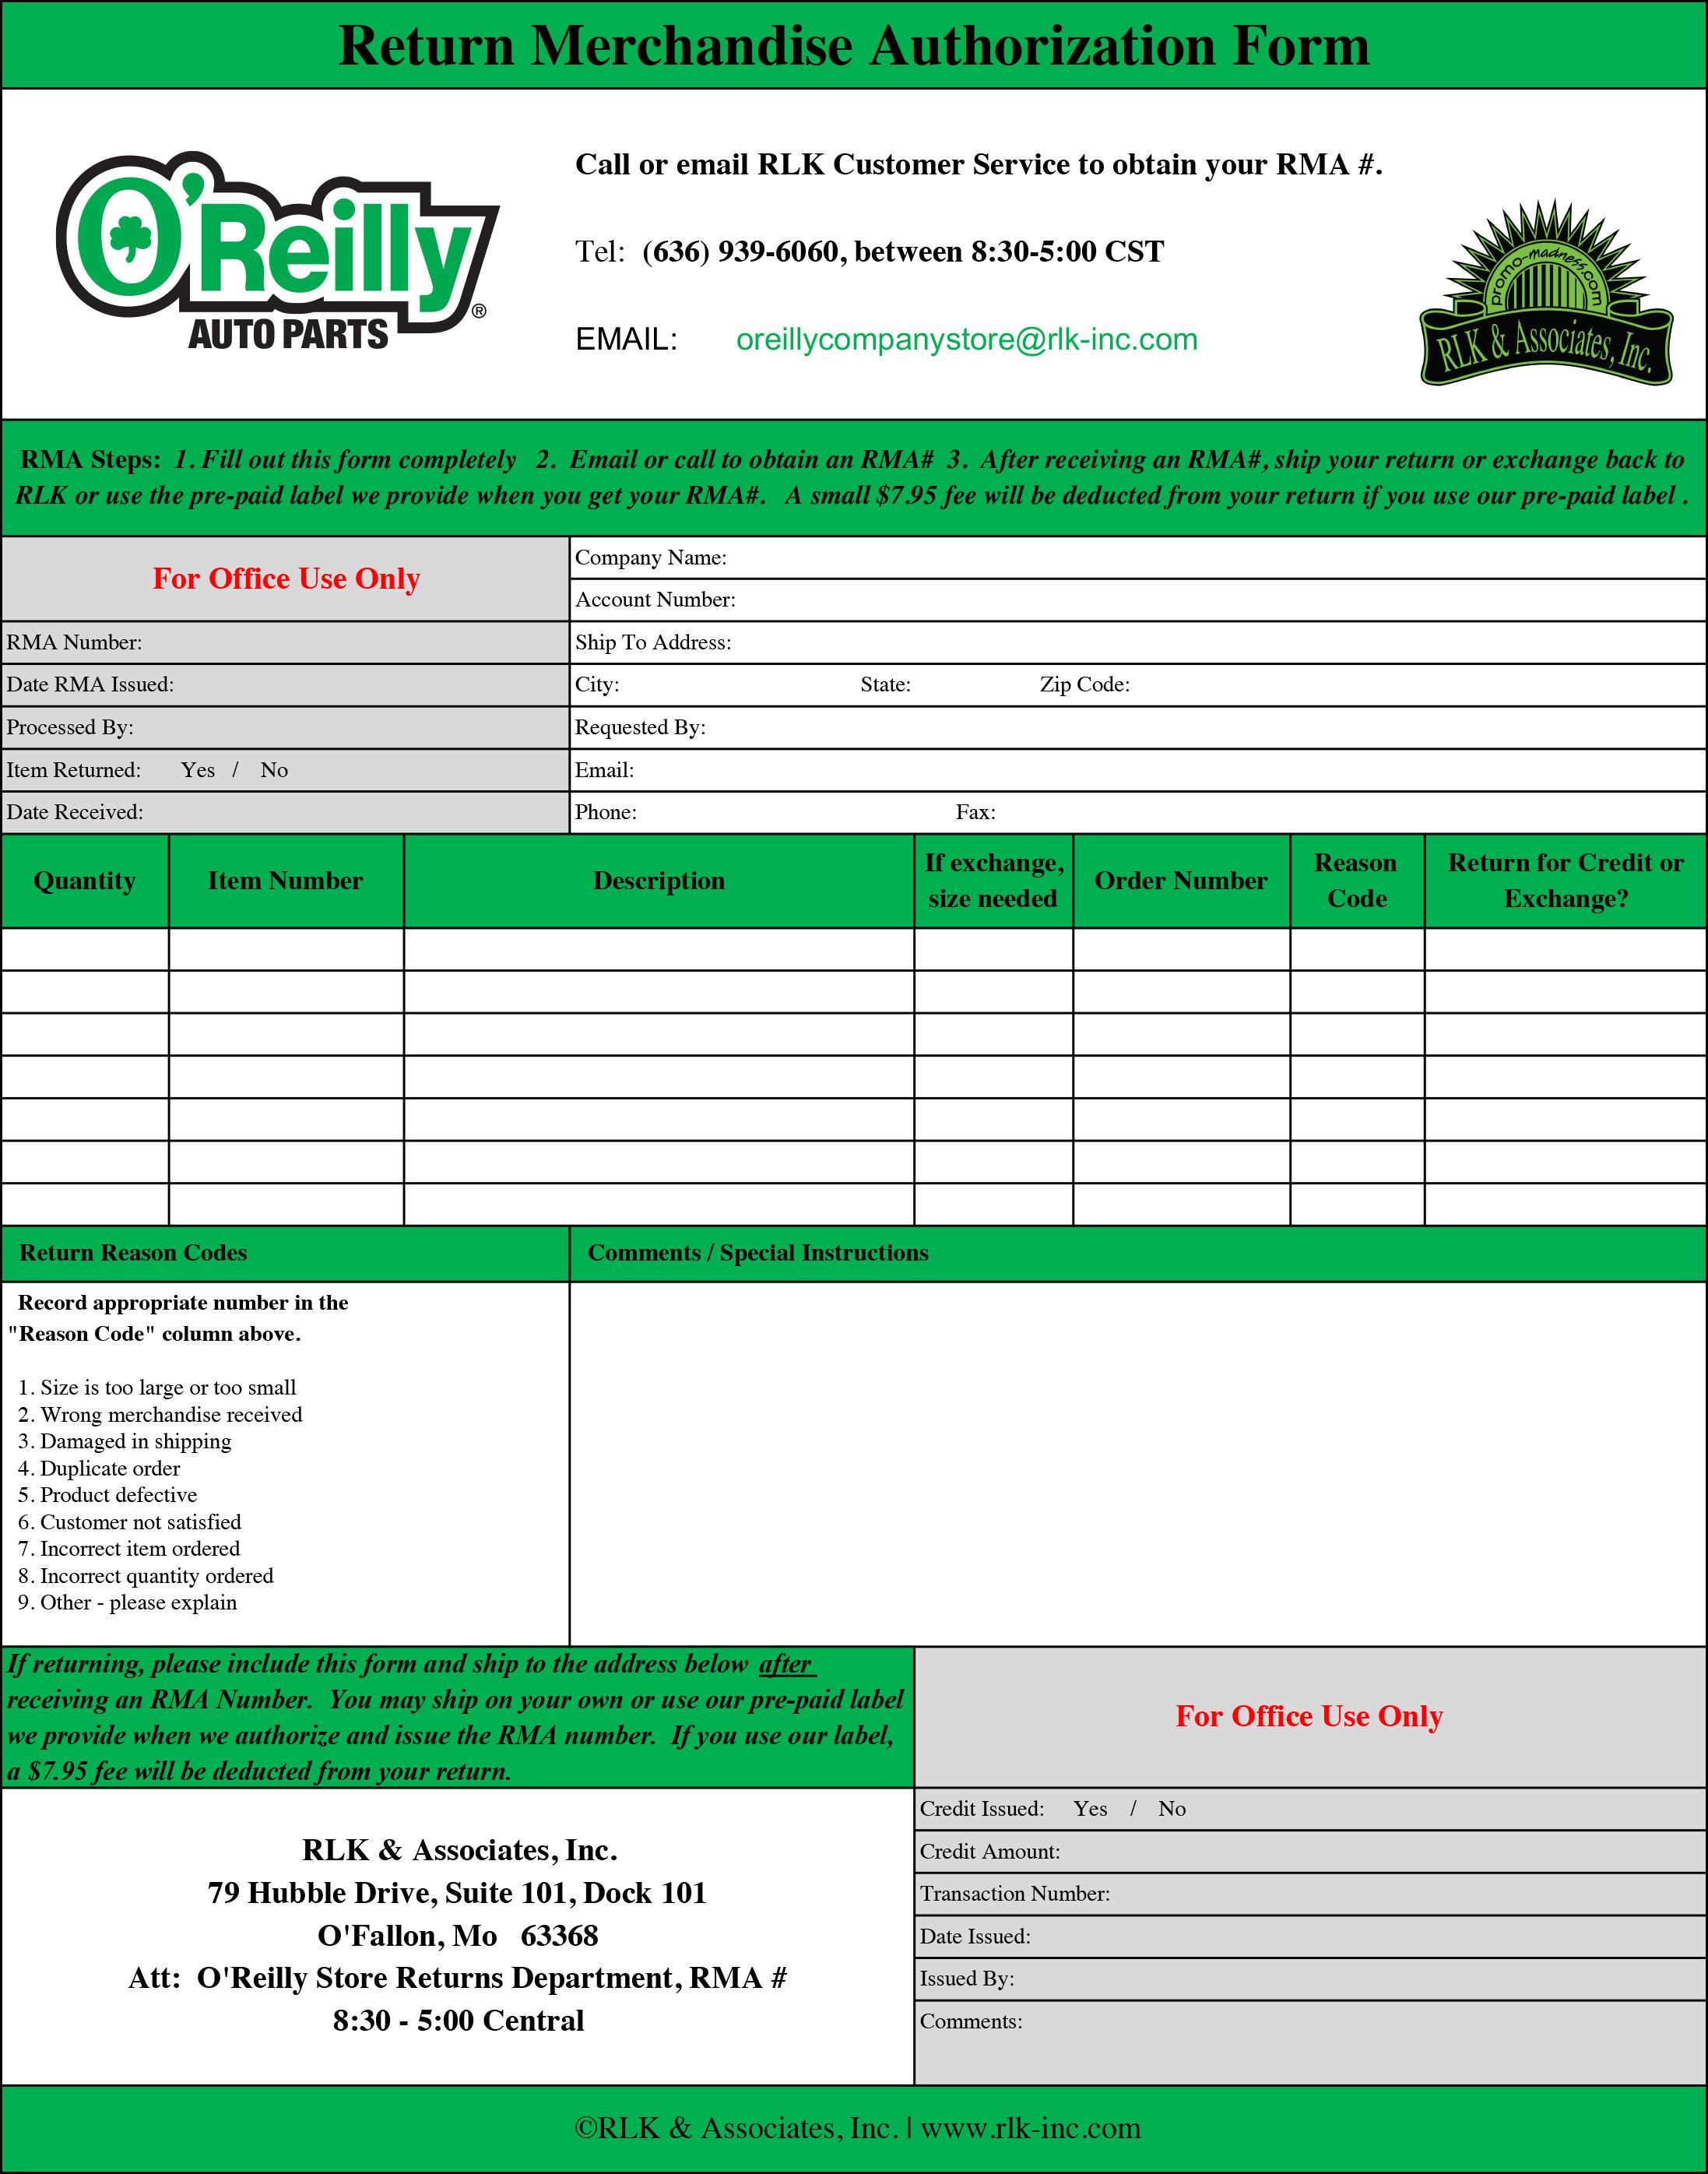 o-reilly-store-rma-form.jpg